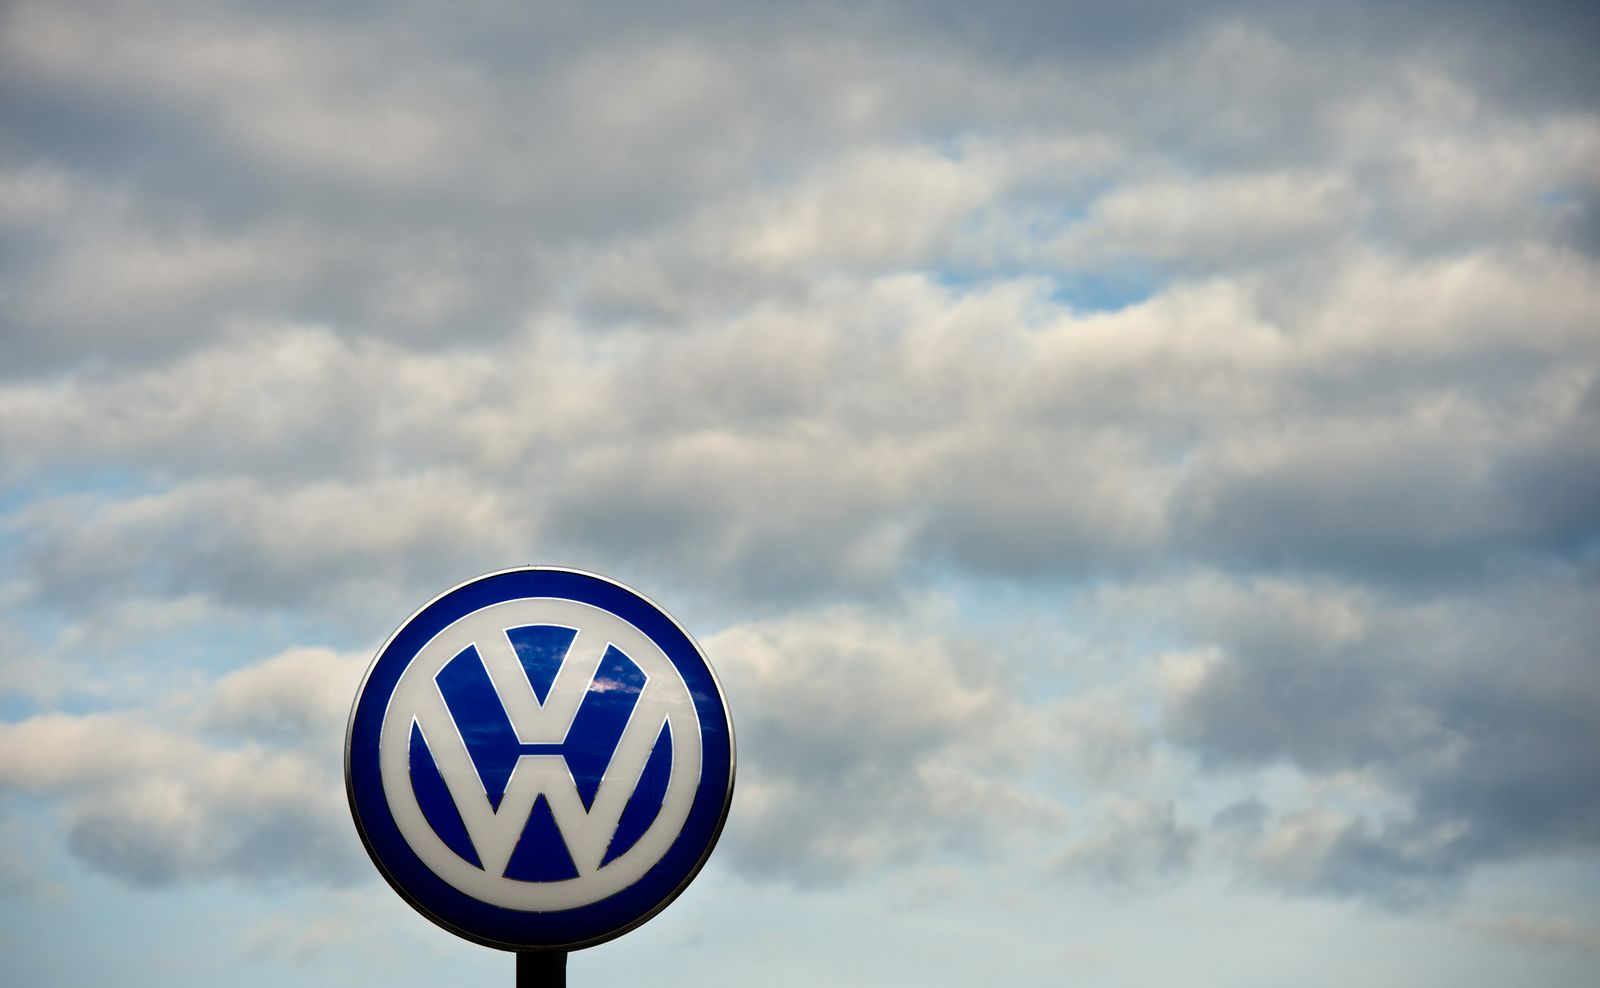 Wolfsburg / Absatzprobleme treffen VW-Konzern